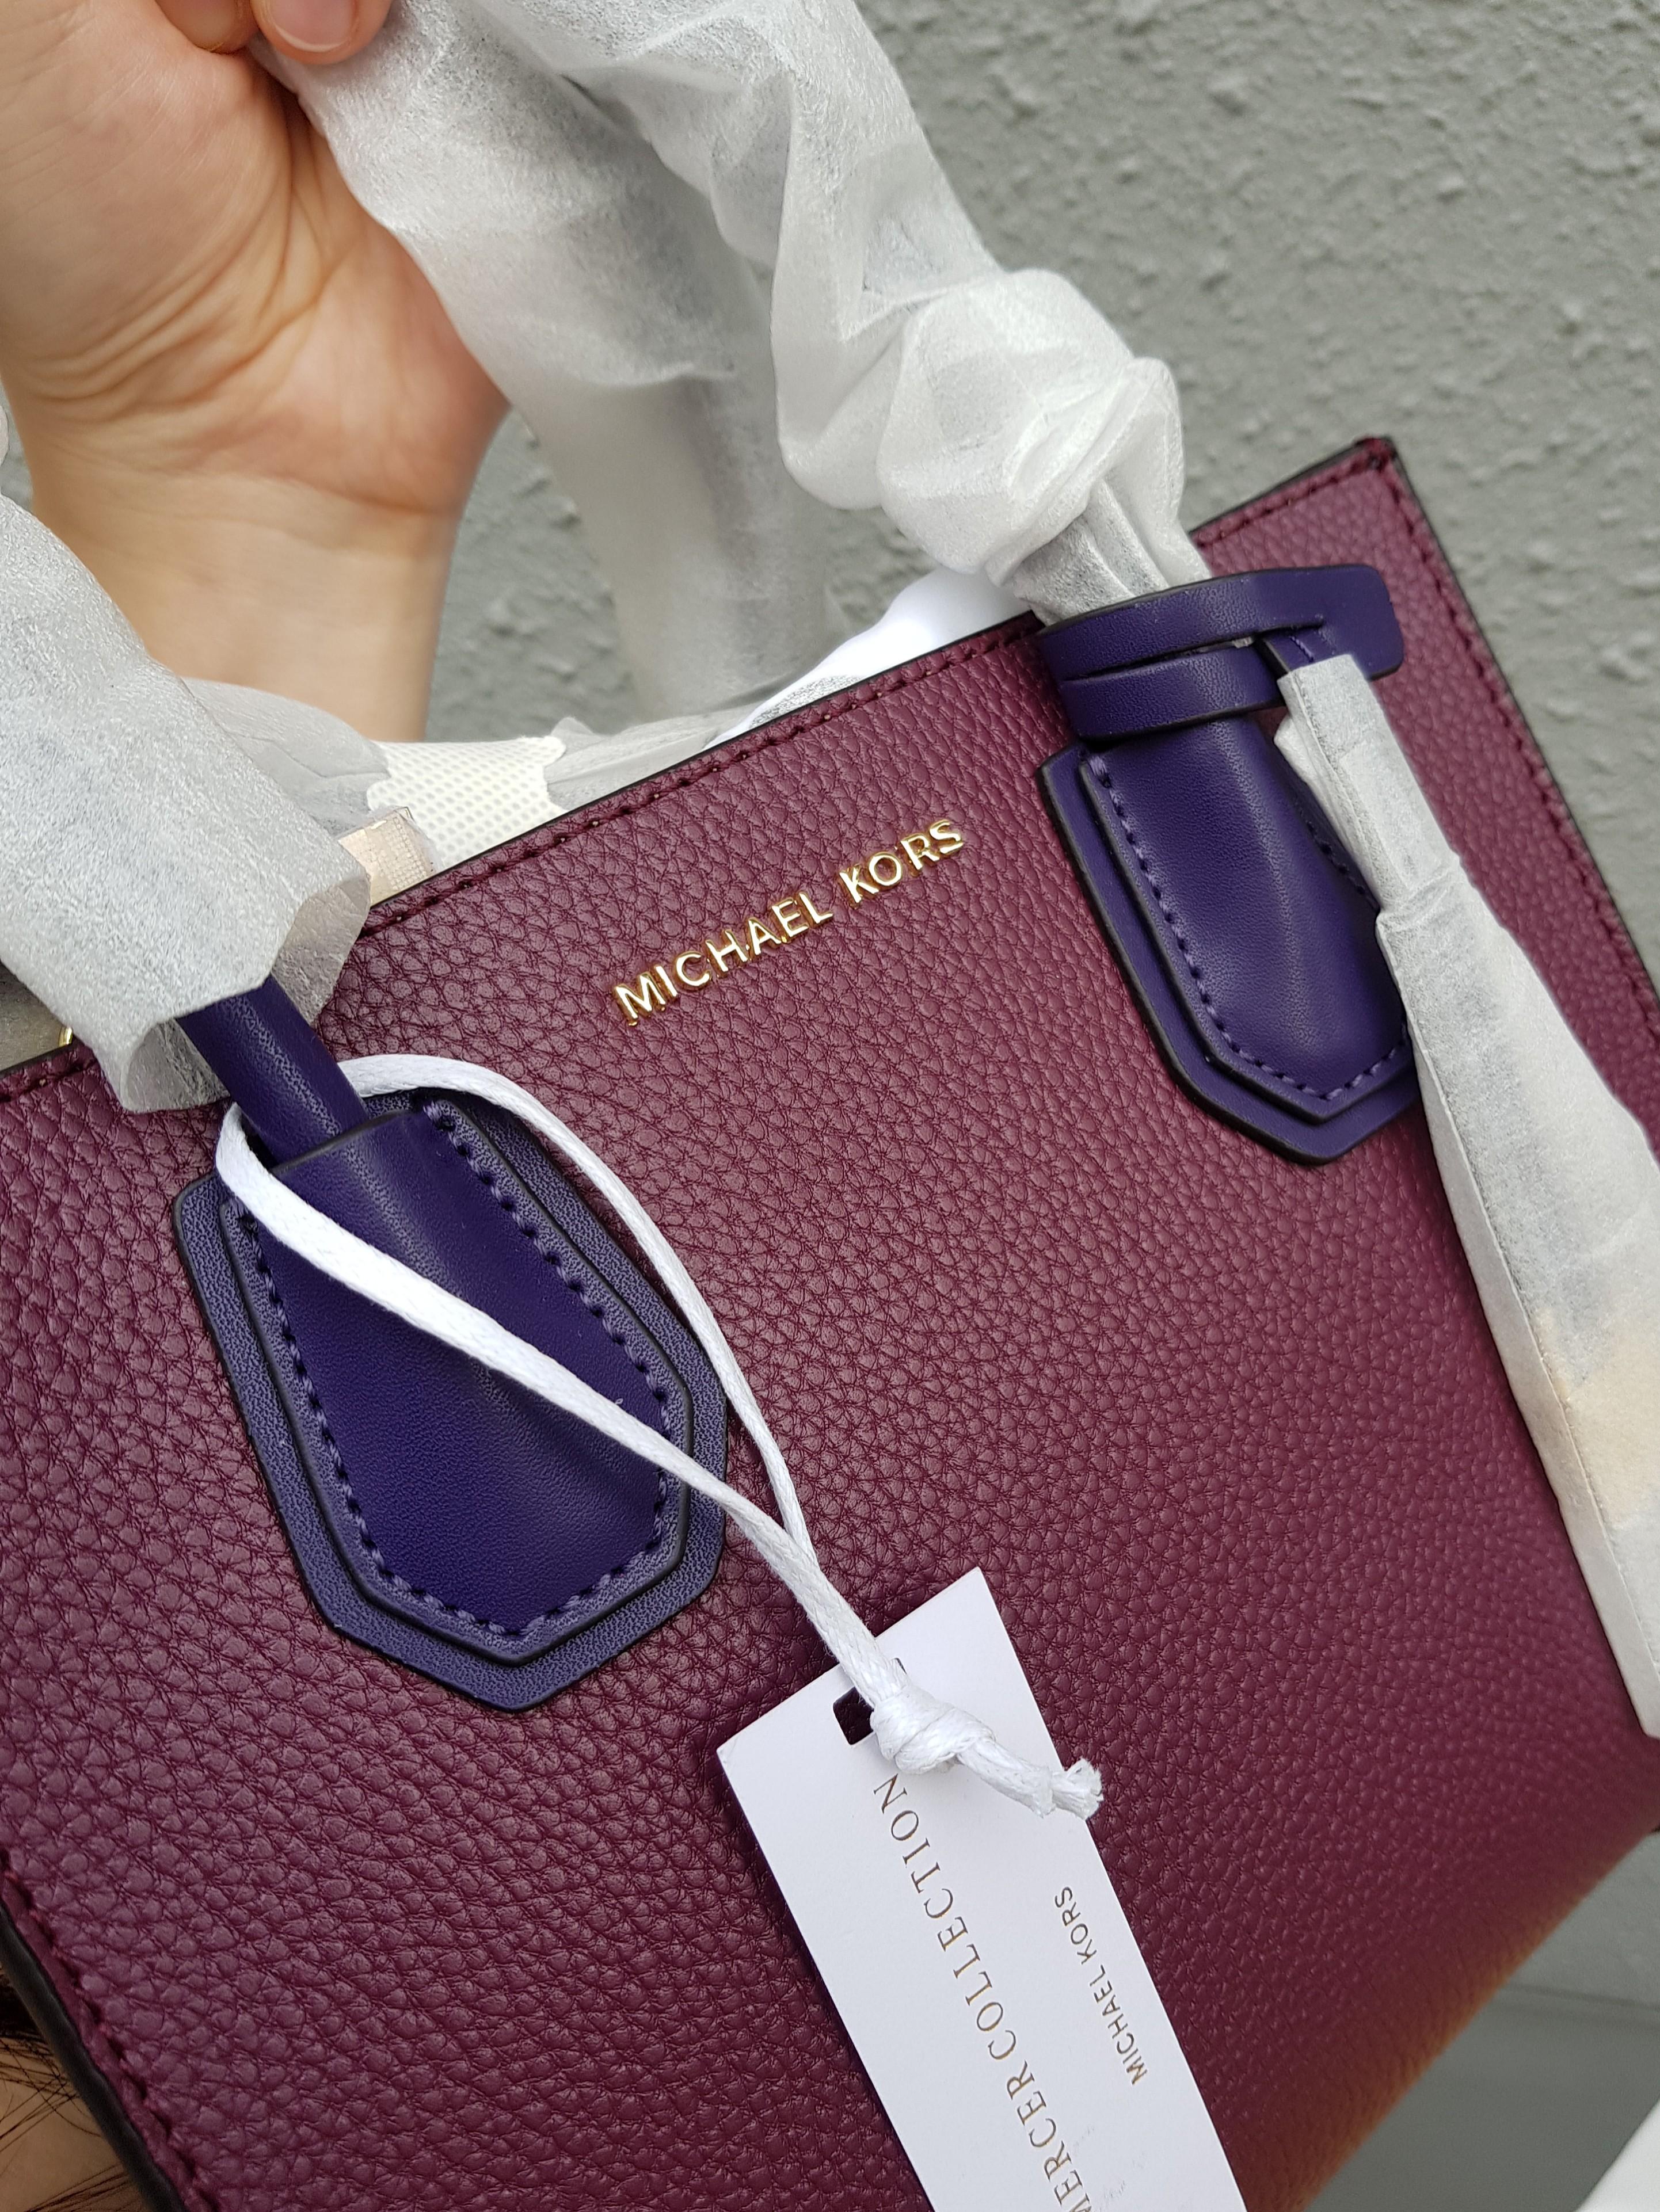 3e1e2000897dc SPECIAL OFFER! Michael Kors Mercer Tricolor Handbag (100% Authentic ...